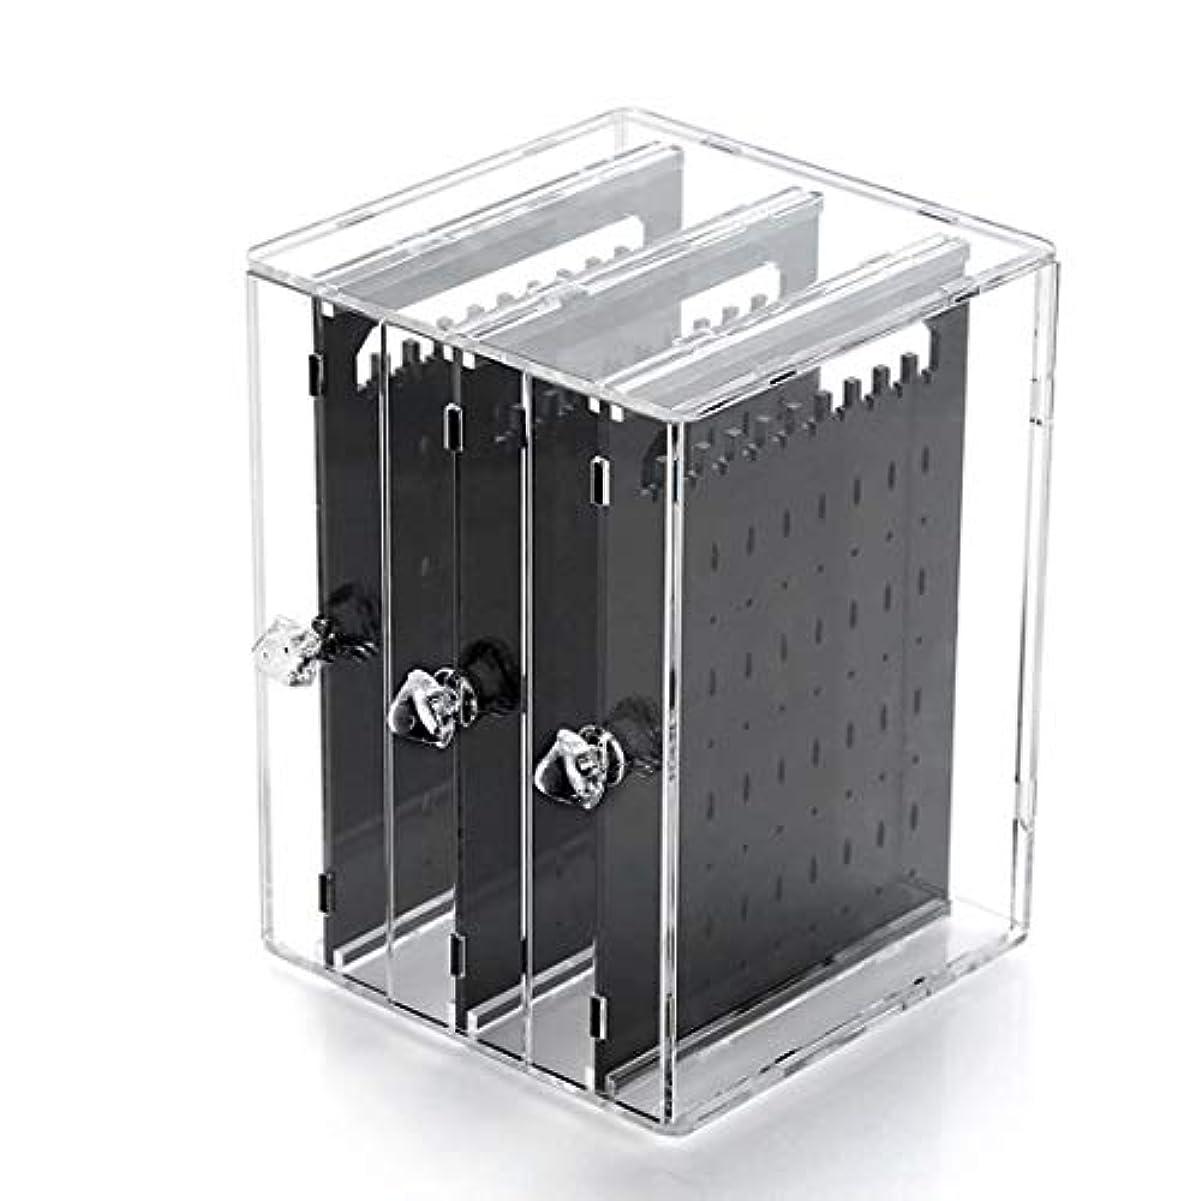 楽なトレード戸棚Ryohan ピアス&イアリングスタンド ジュエリー収納 アクリル樹脂 引き出し式ピアス収納スタンド アクセサリー収納 (ブラック)